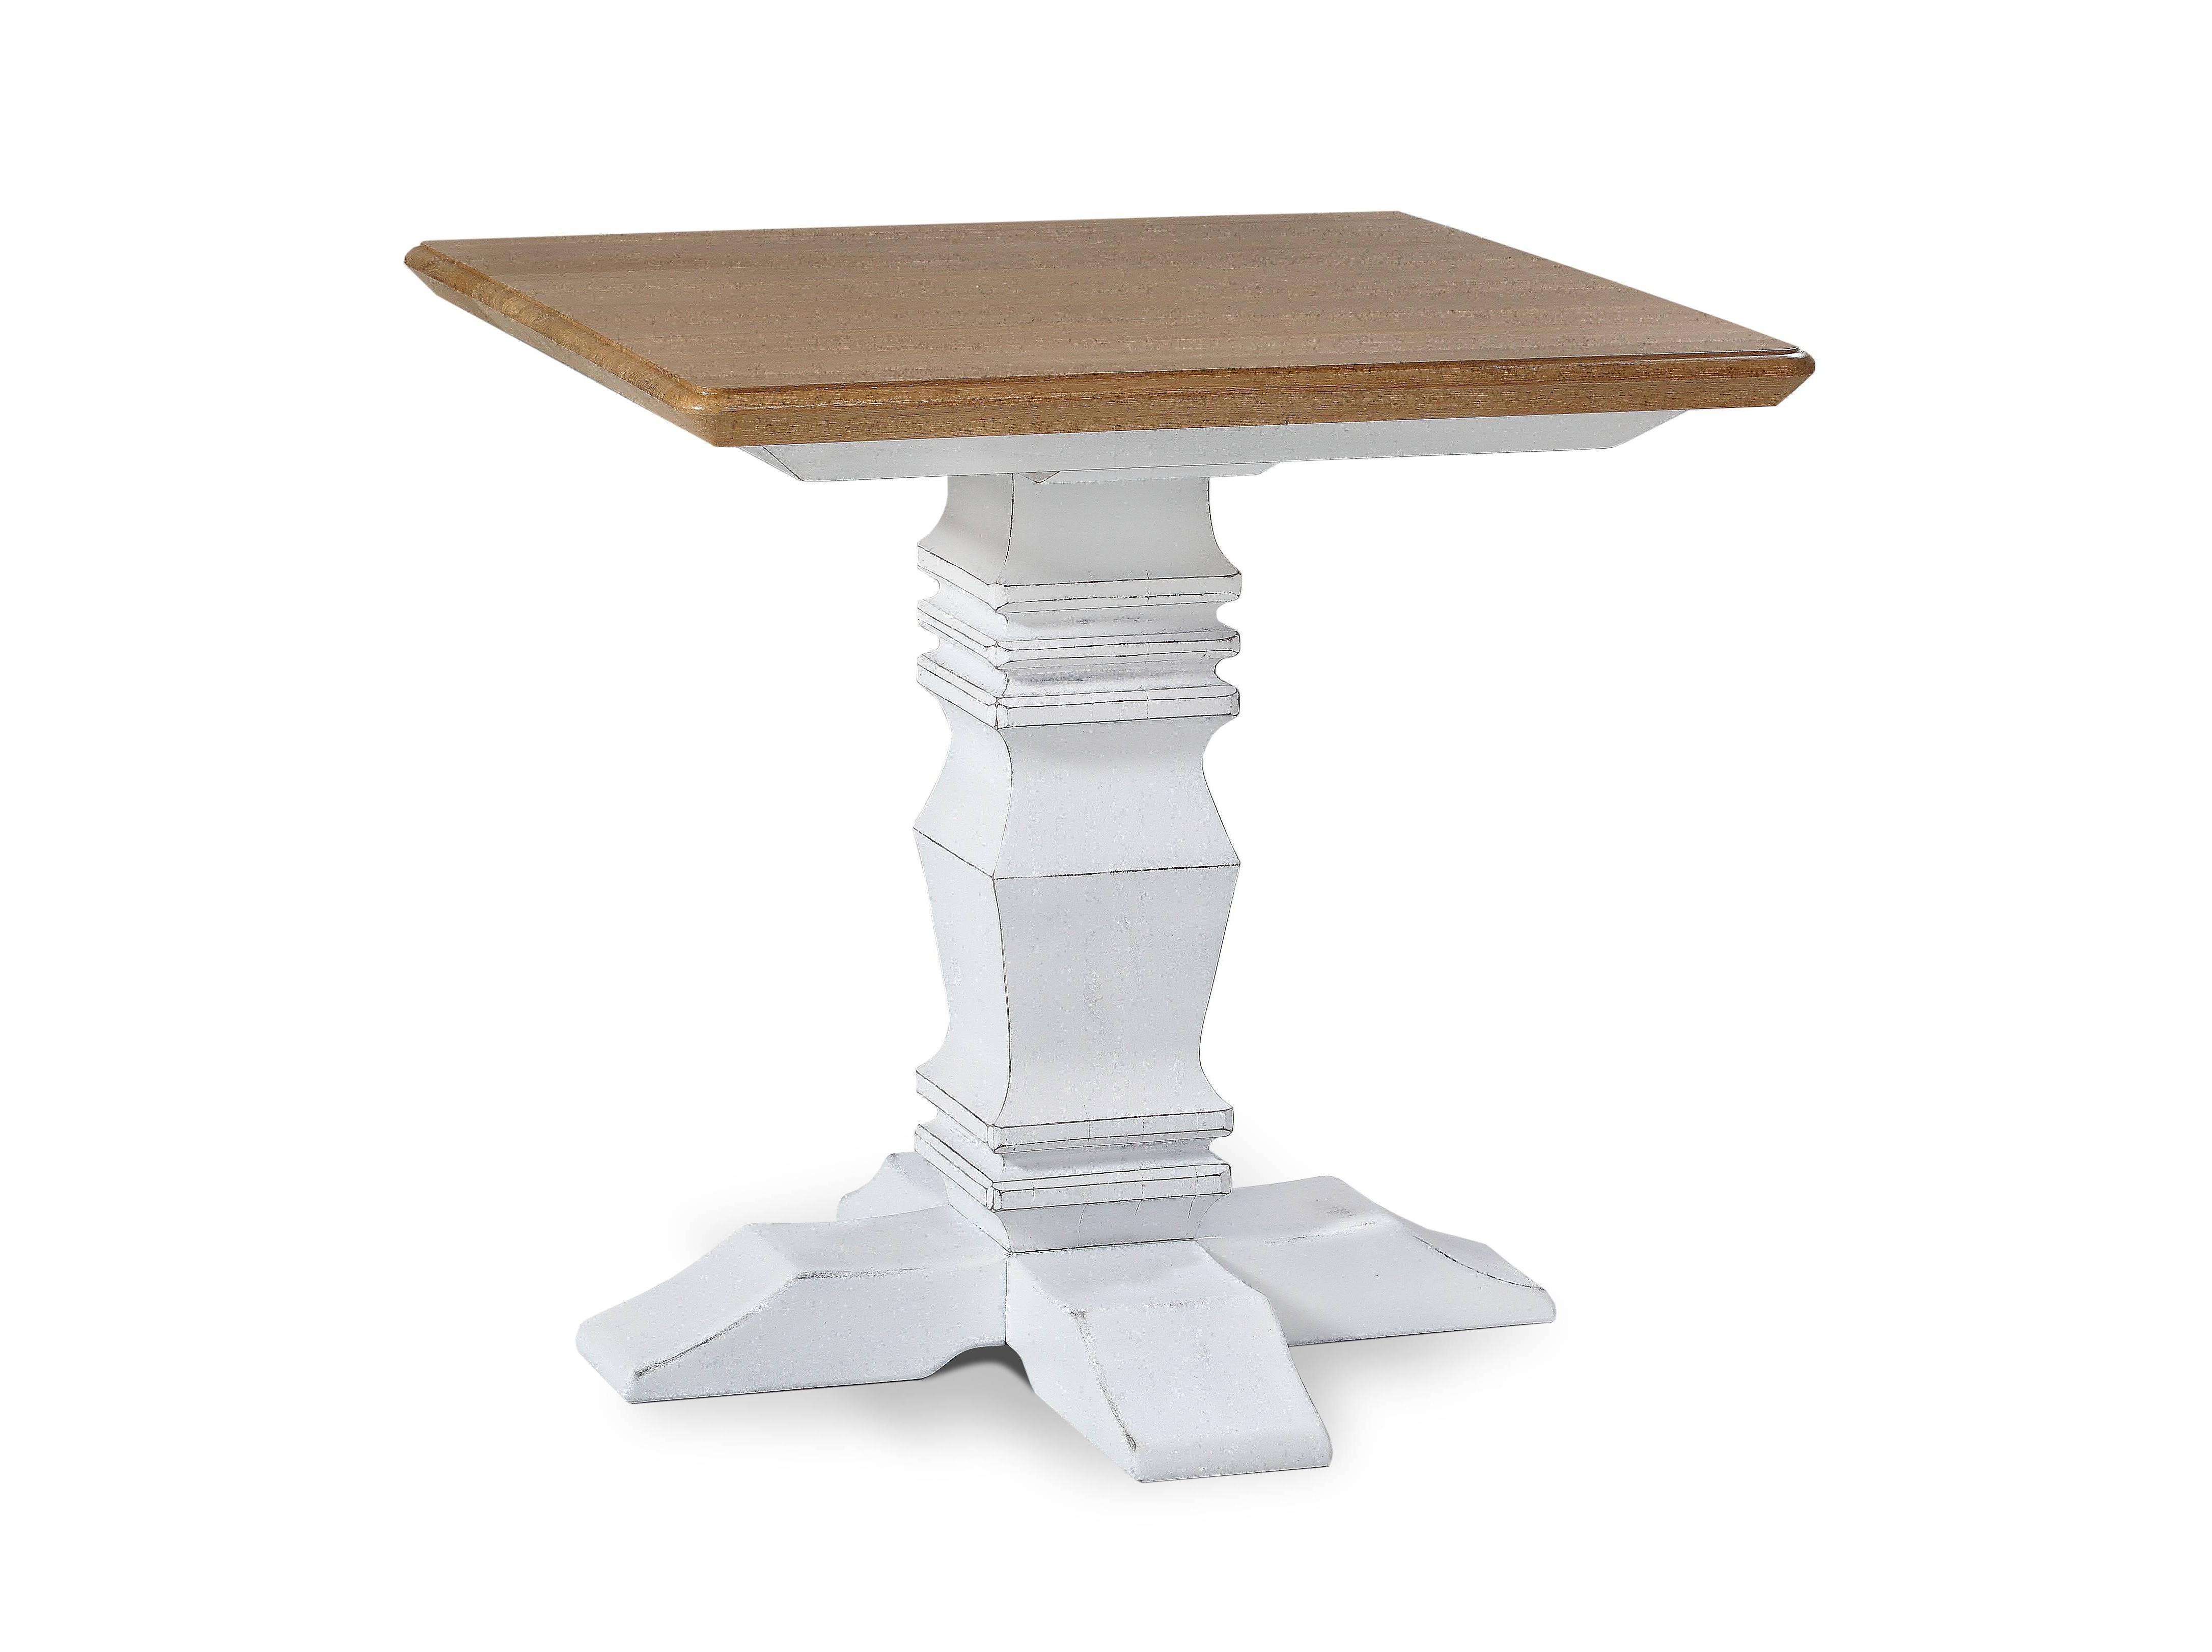 Стол БахчисарайСтолы и столики для сада<br>Изделие из натуральной древесины.<br><br>Material: Дерево<br>Ширина см: 80<br>Высота см: 77<br>Глубина см: 80